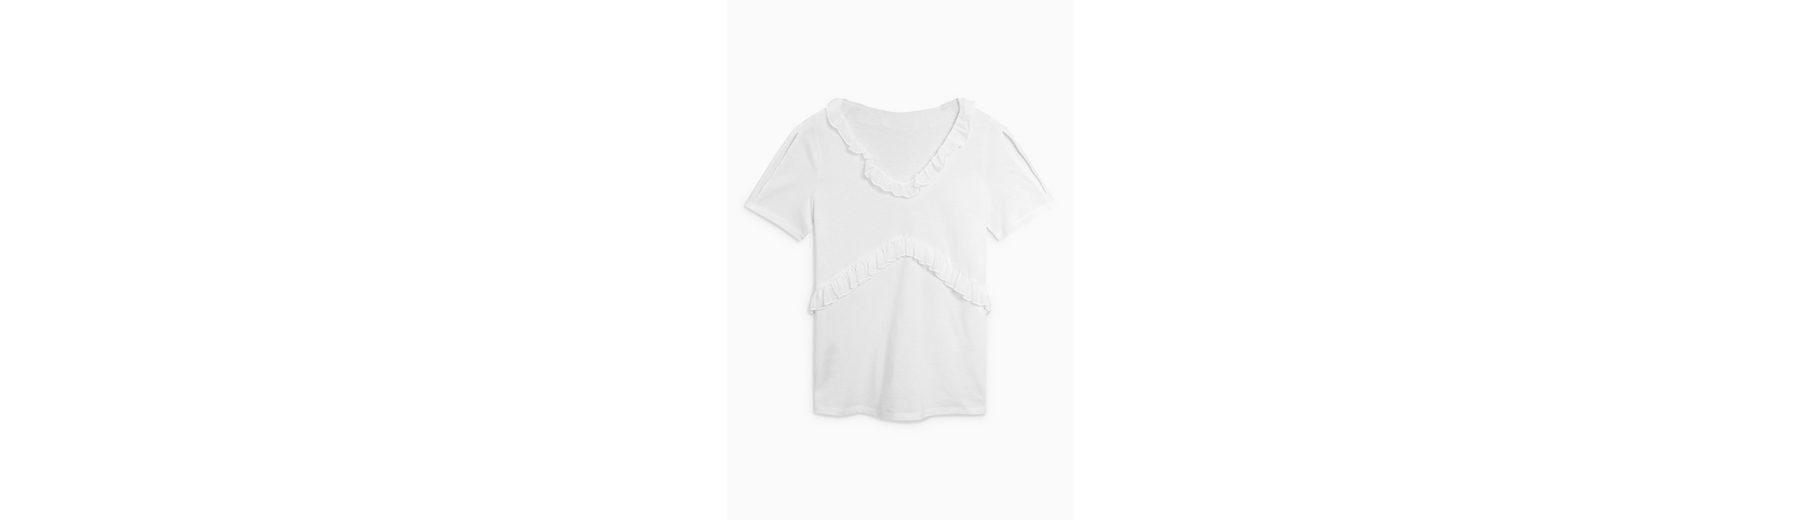 Next T-Shirt mit Rüschen Billig 2018 Unisex Einen Günstigen Online-Verkauf Billig Verkaufen Niedrigsten Preis Verkauf Nicekicks v6fOSwXAe